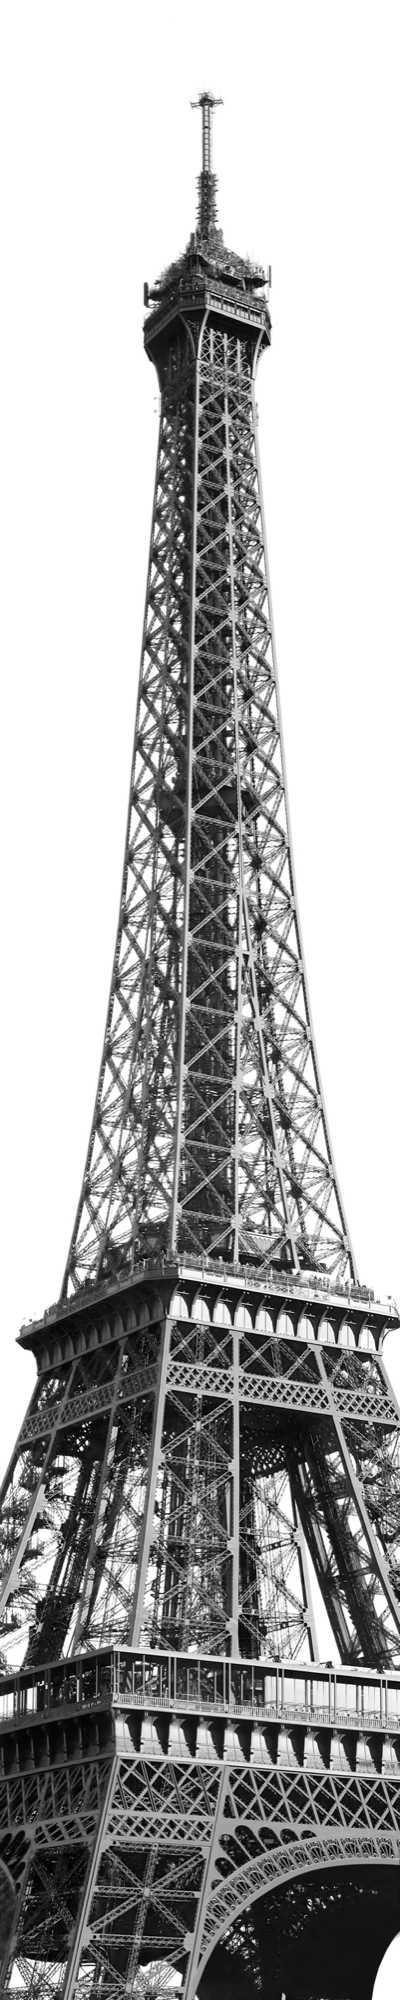 Poster XXL impression numérique Tour Eiffel